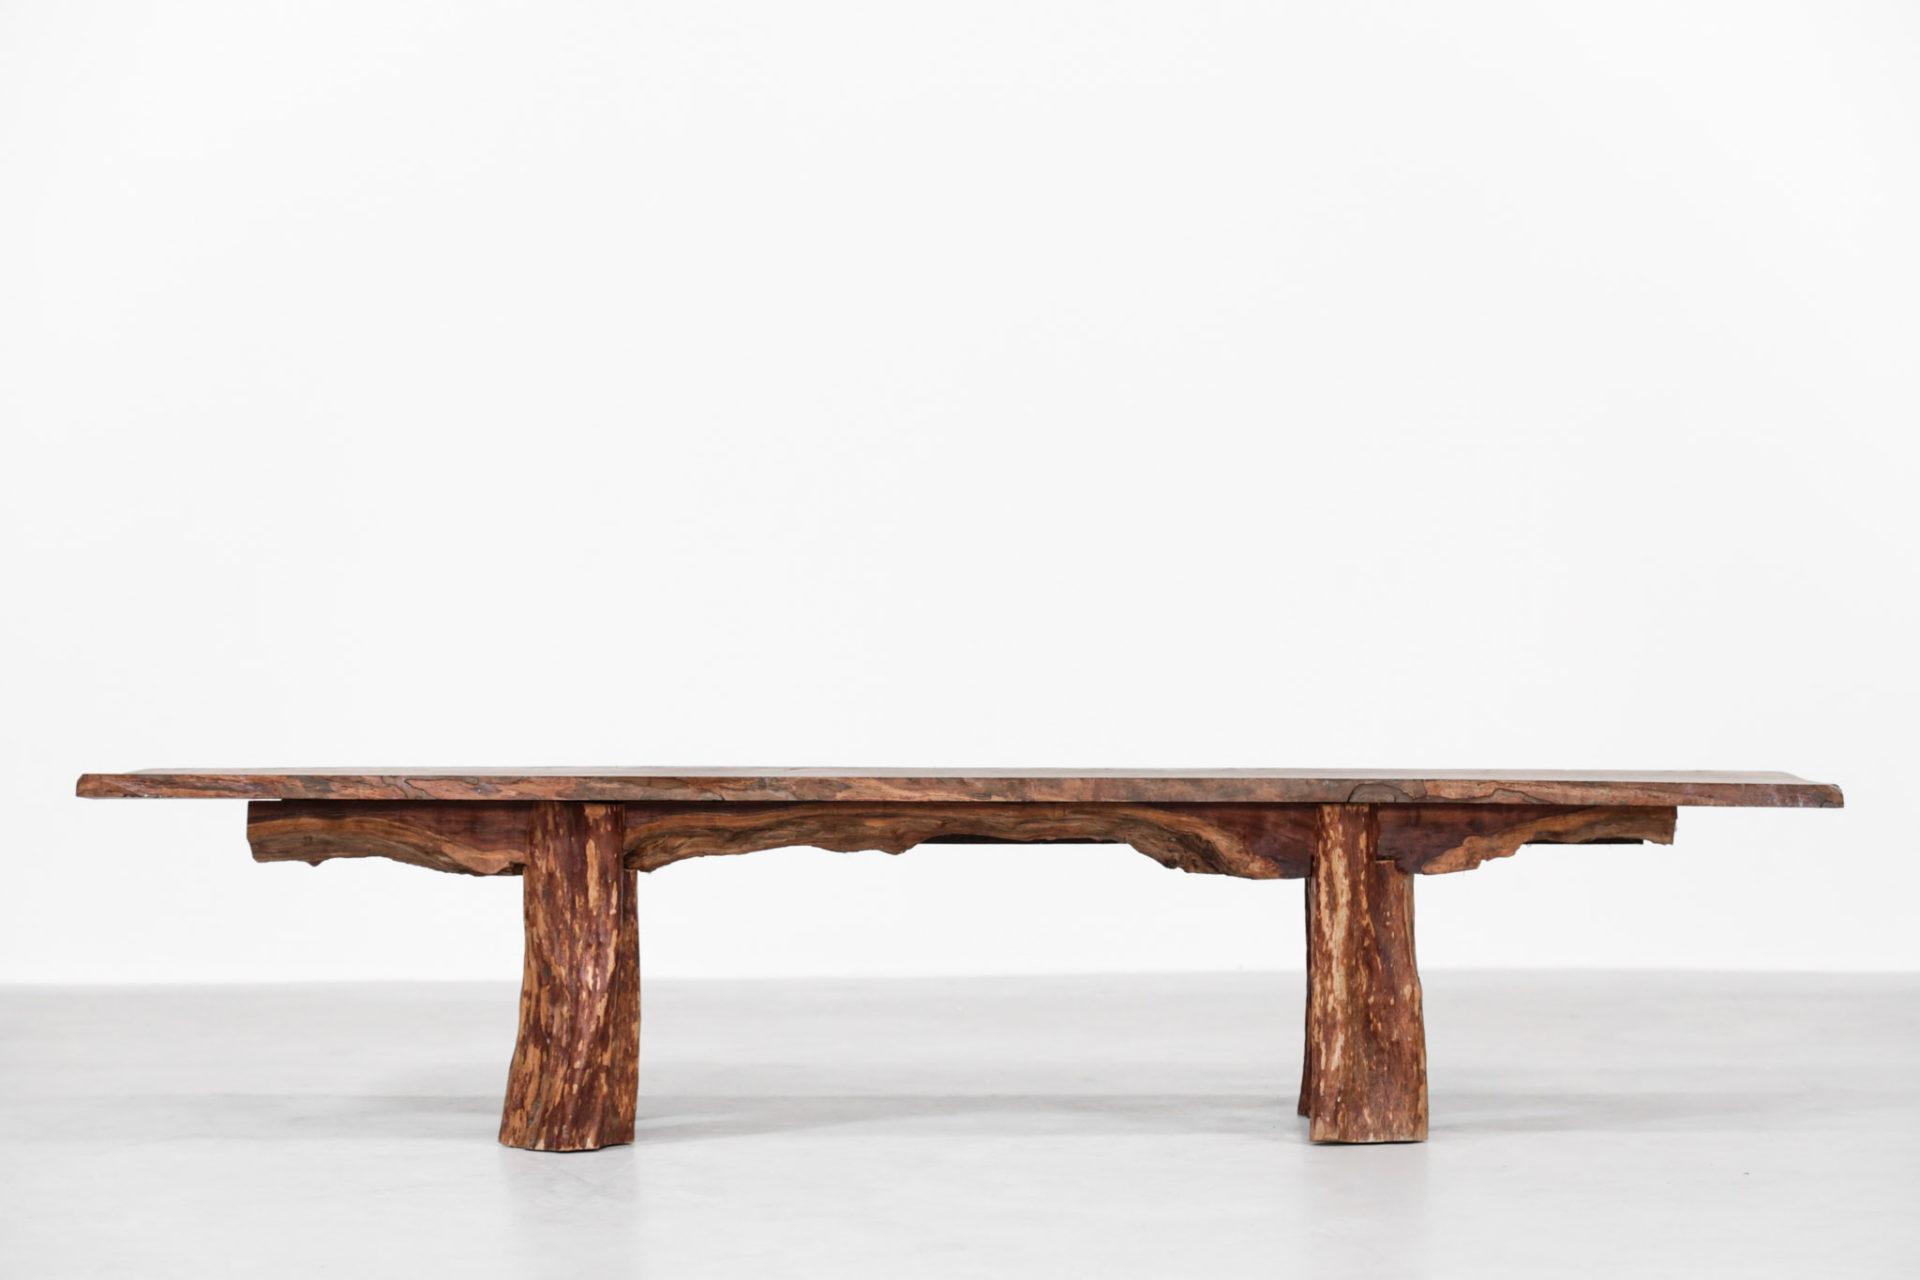 grand banc table basse brutaliste design 1